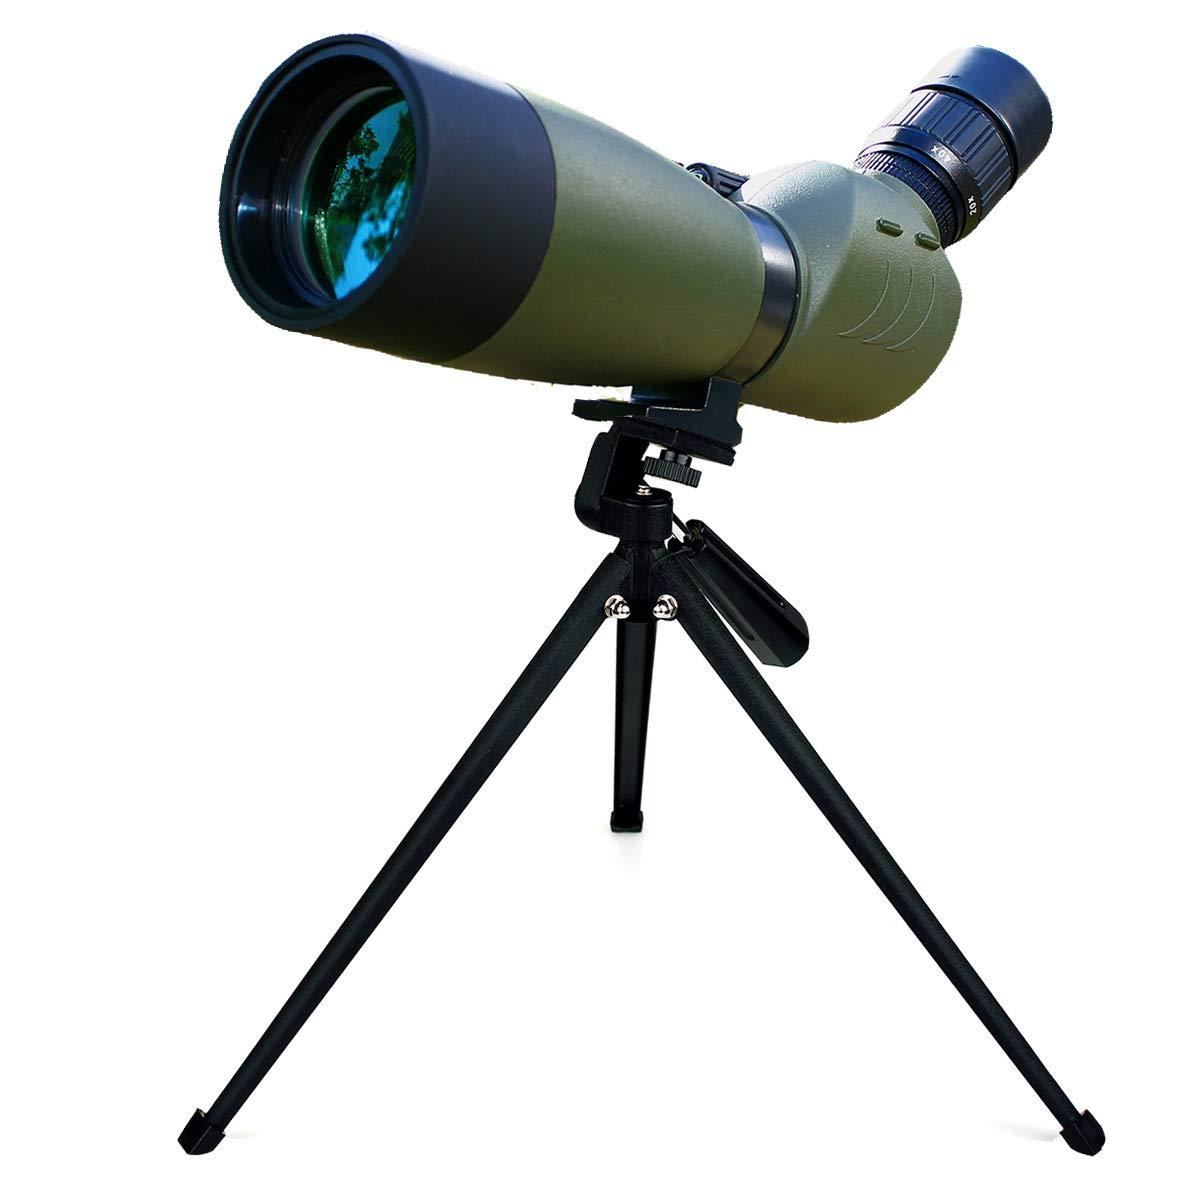 Svbony SV28 Telescopio Terrestre 20-60x80mm IP65 Waterproof Bak-4 Prism Catalejo con Trípode y Adaptador de Smartphone para la Observación de Aves EUF9308D-W2546A